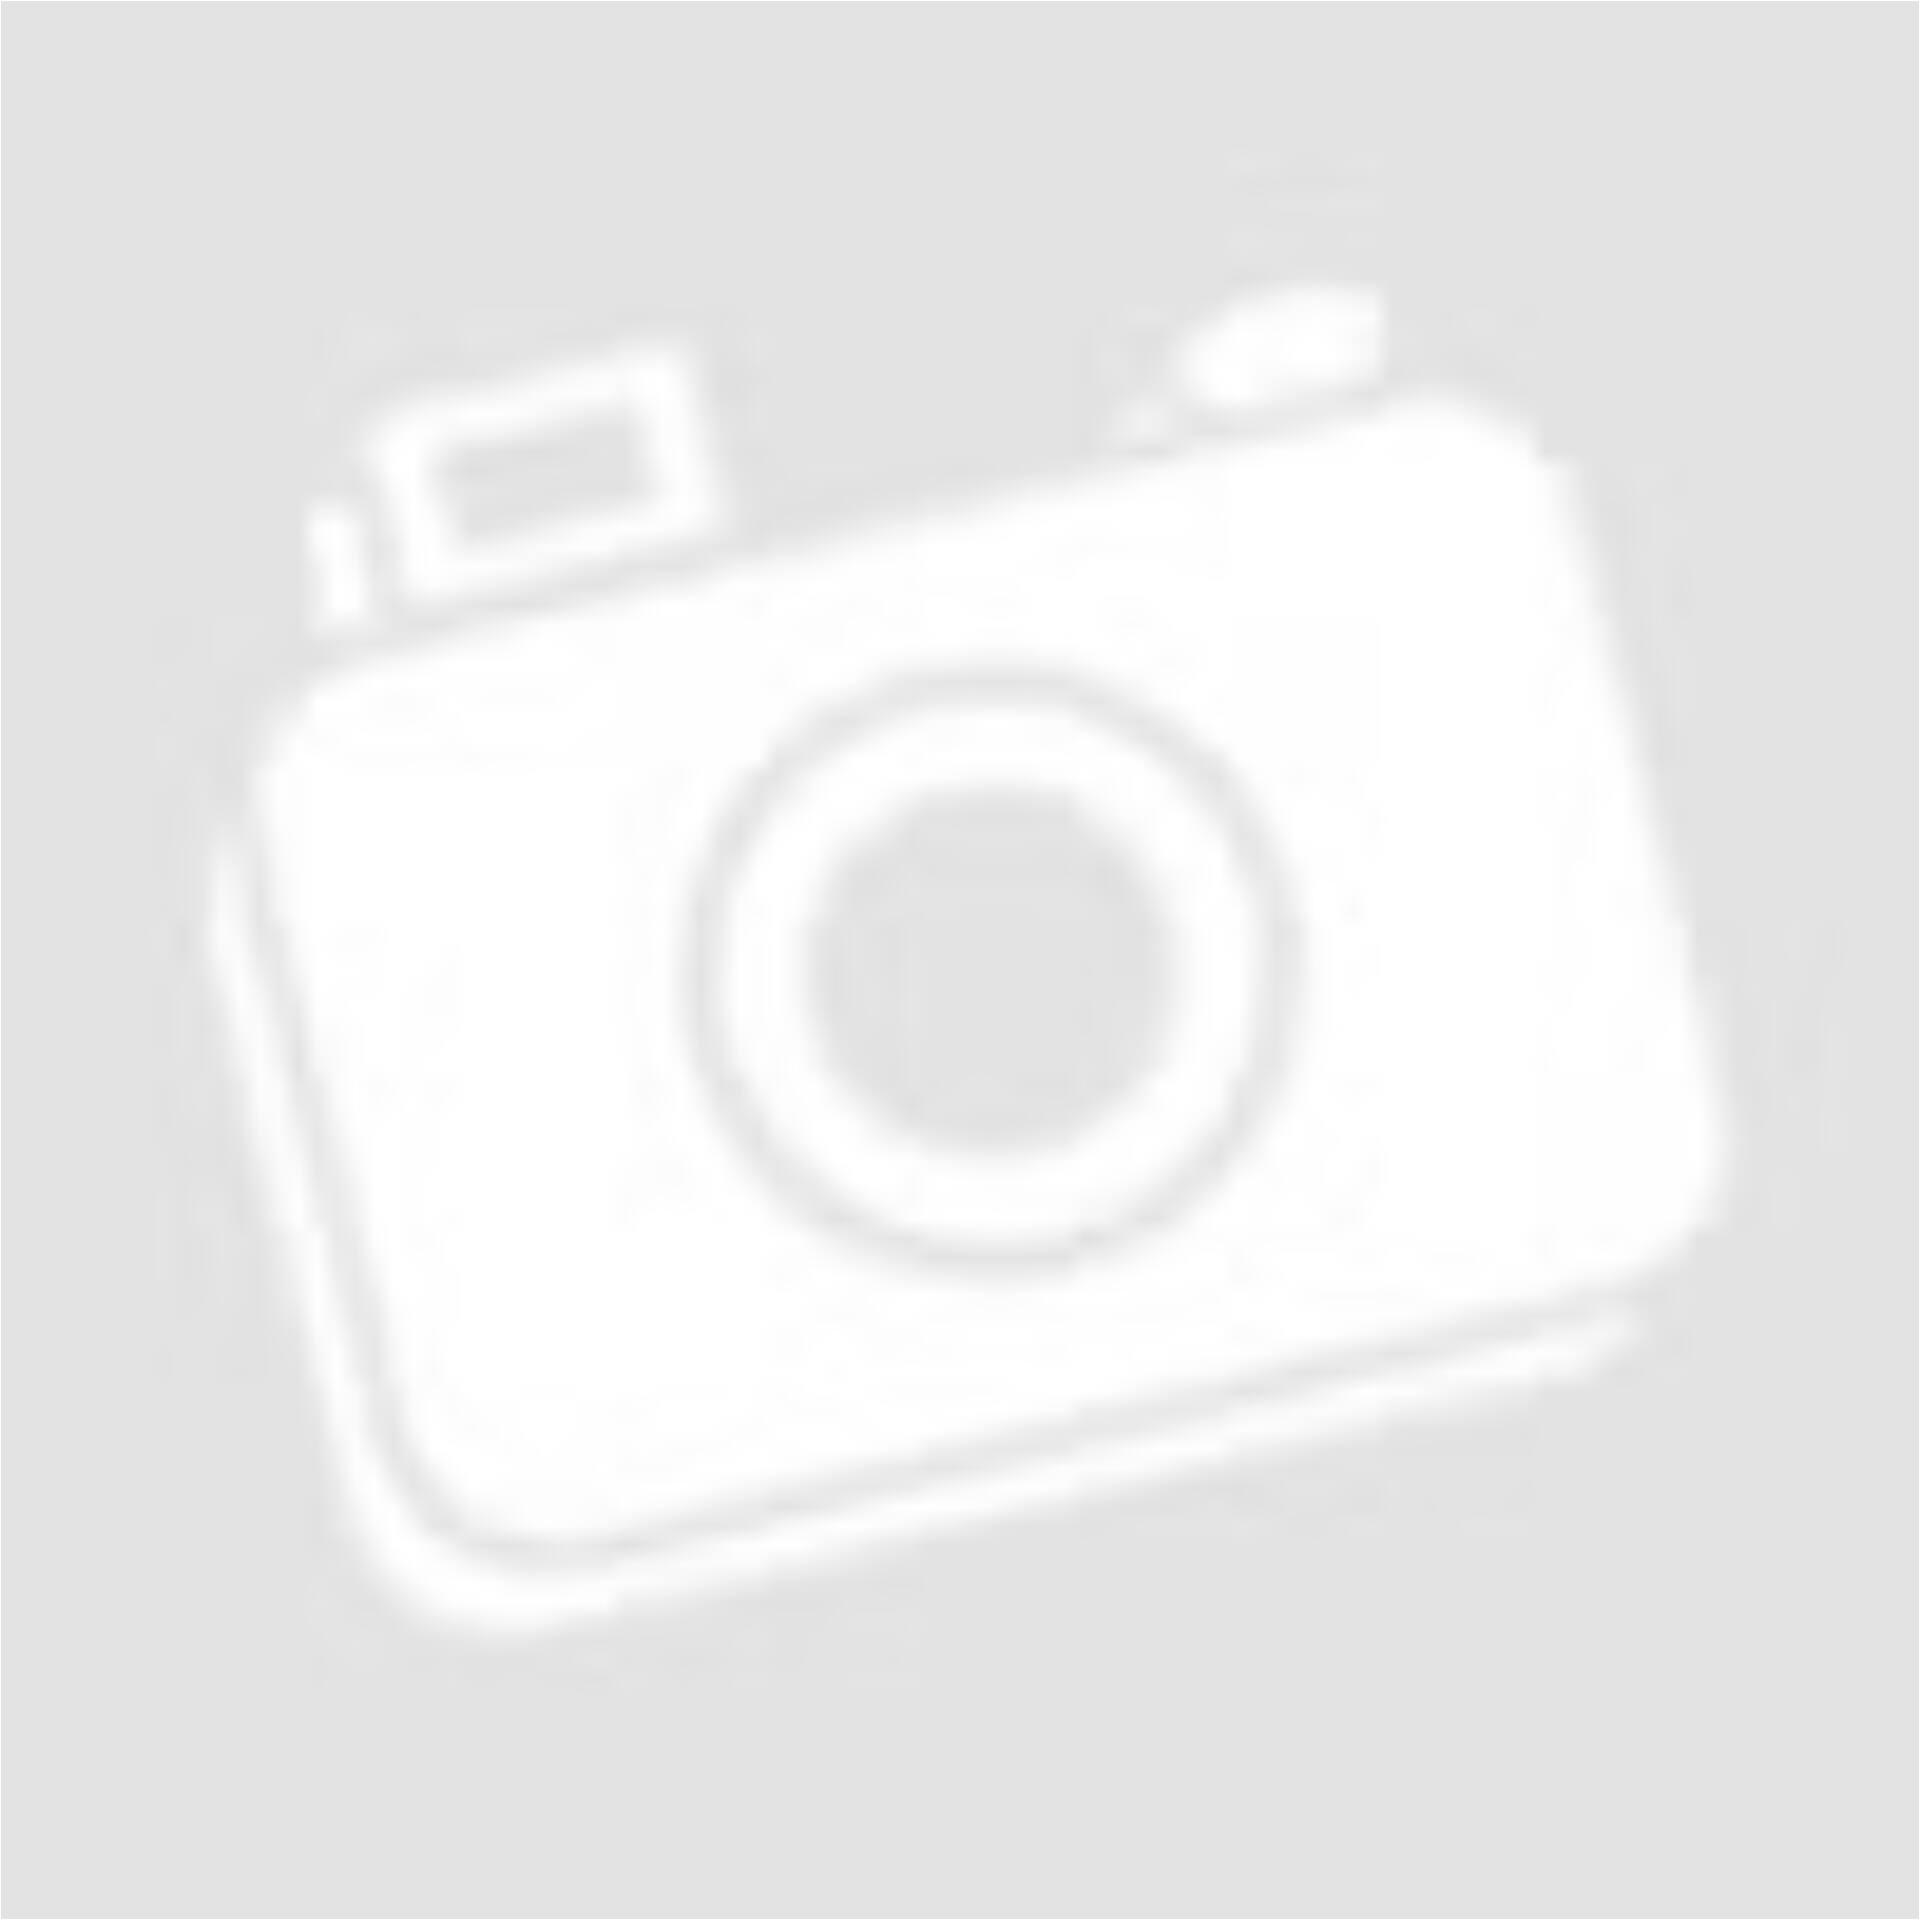 79adc8690 JANINA fekete színű kötött felső (Méret: S)